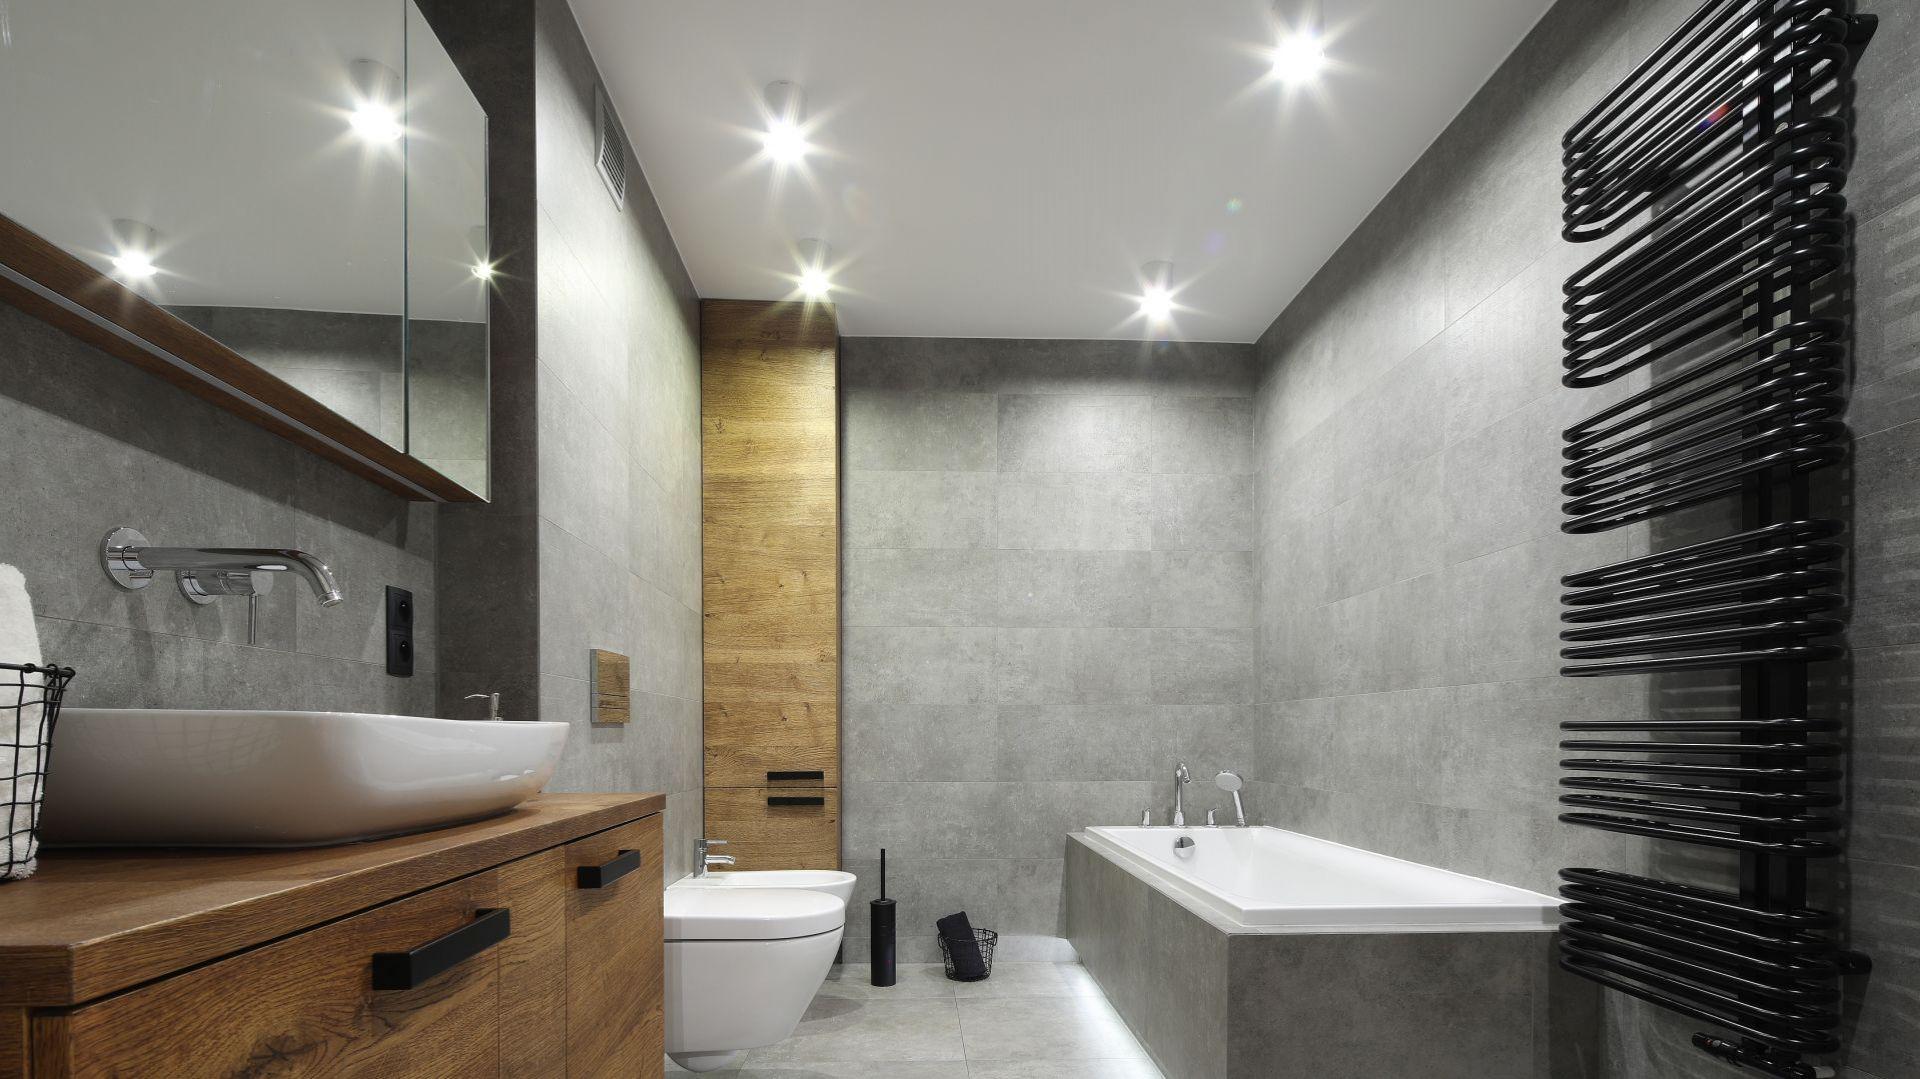 Nowoczesna, szara łazienka nie jest zimna dzięki drewnianym elementom wykończenia. Zabudowana wanna idealnie komponuje się z minimalizmem koloru i formy. Projekt: Katarzyna Walawska. Fot. Bartosz Jarosz